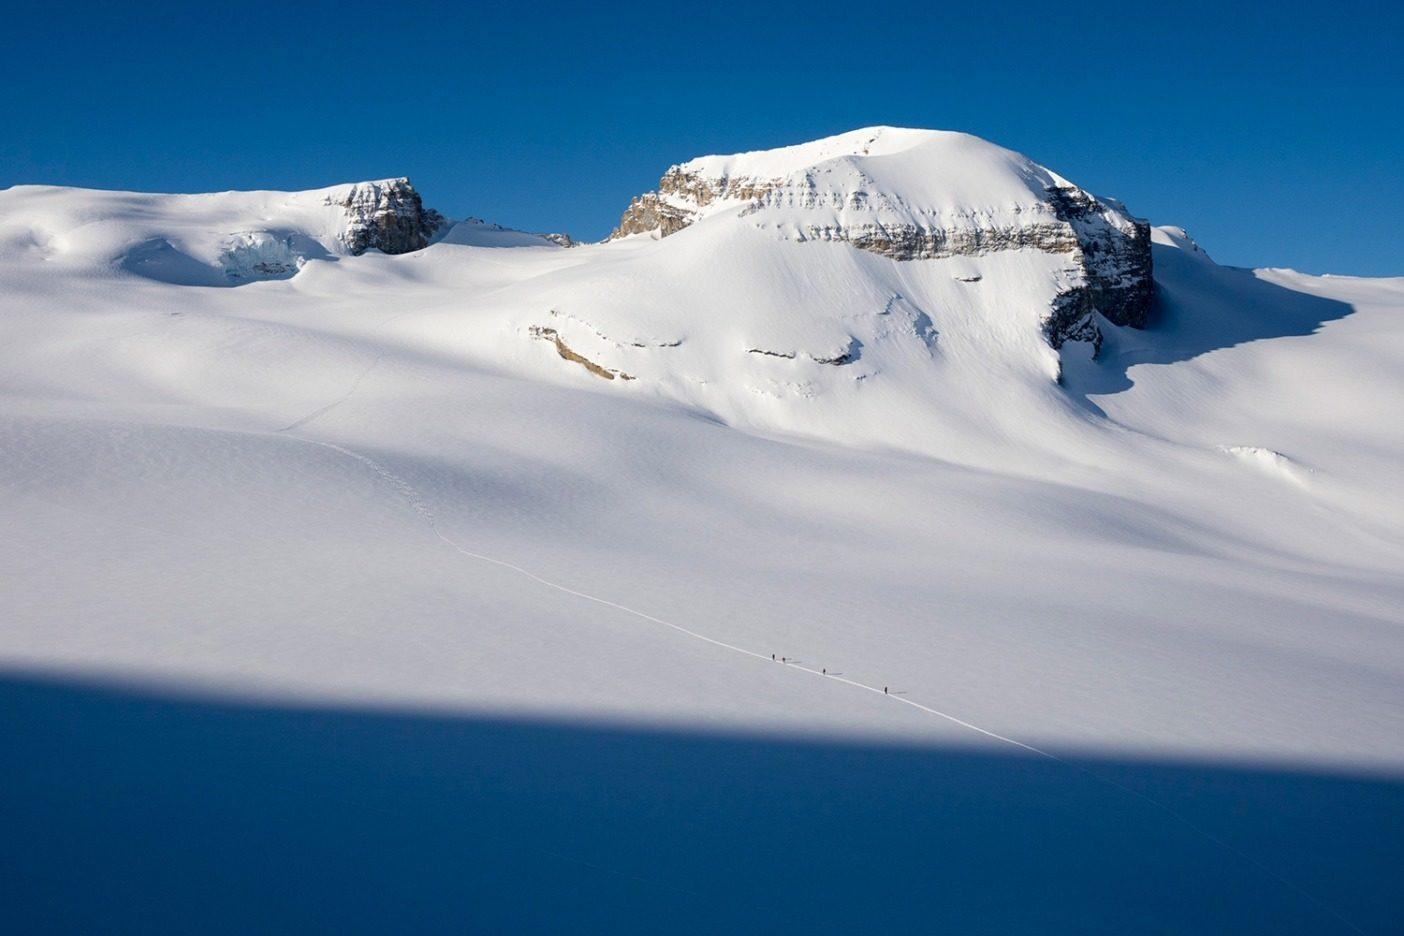 ロンダ山に向かって行くスキーヤーの一行。カナダ人のガイドが「今までに経験した中で最高のワプタでのスキーウィーク」と呼んだ、非常に安定した状況で、急傾斜を行き来しながらスキーを楽しんだ1週間の1シーン。この翌晩、一行はボウ・ハットを訪れ、水を求めた後、氷河の高域にあるテントサイトに戻った。氷河での日焼けで目の周りが白く焼け、夜明けから日暮れまで続いた強行日程で疲れ果てていた。Photo:Kennan Harvey